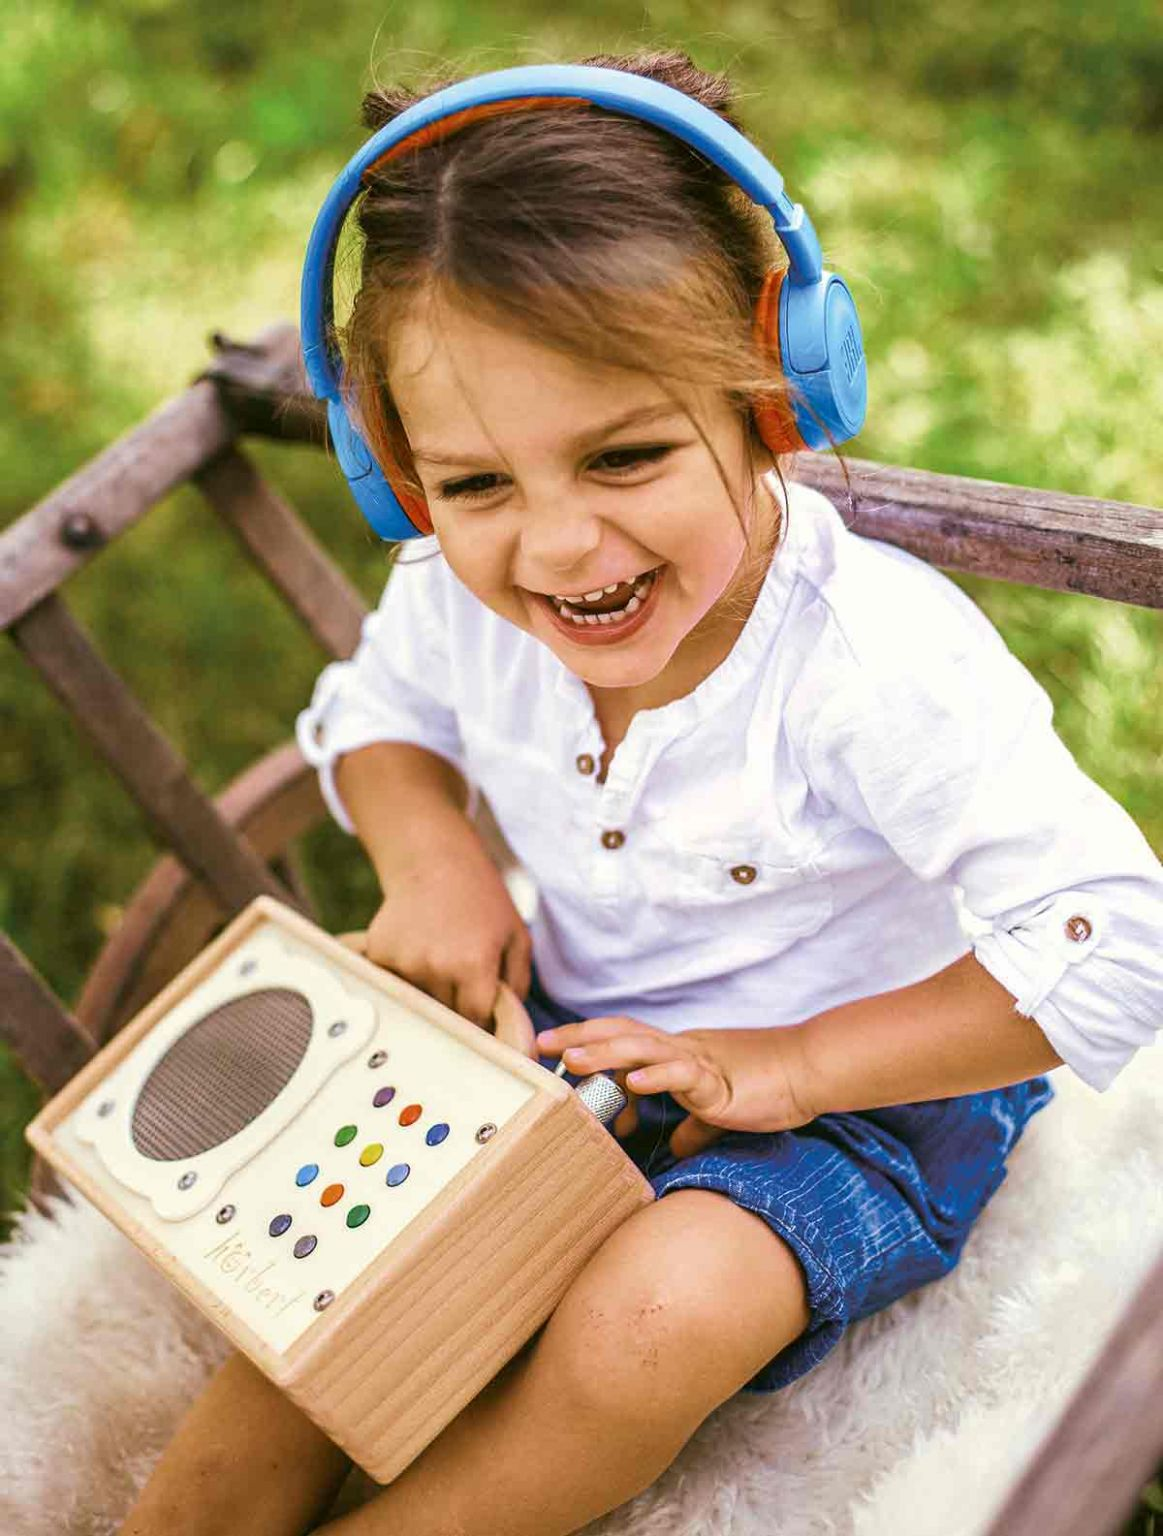 Plaisir absolu avec un casque Bluetooth connecté au lecteur mp3 pour enfant